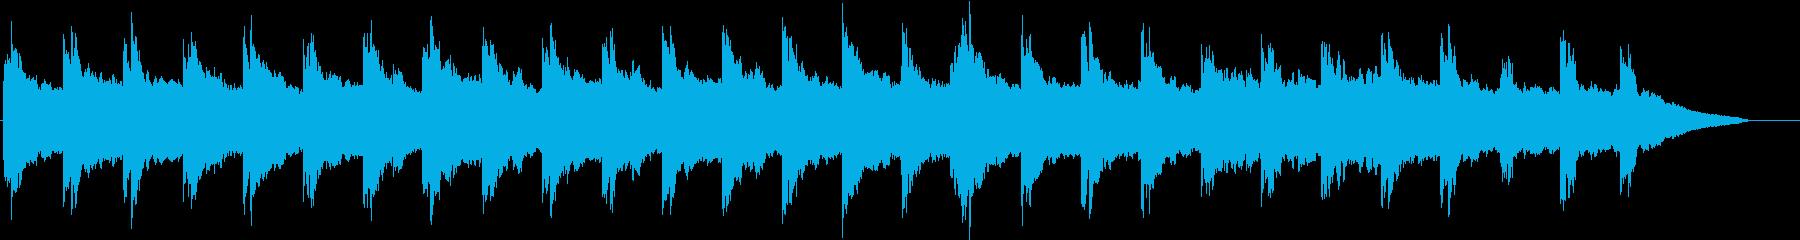 エコーが特徴的なアンビエントの再生済みの波形